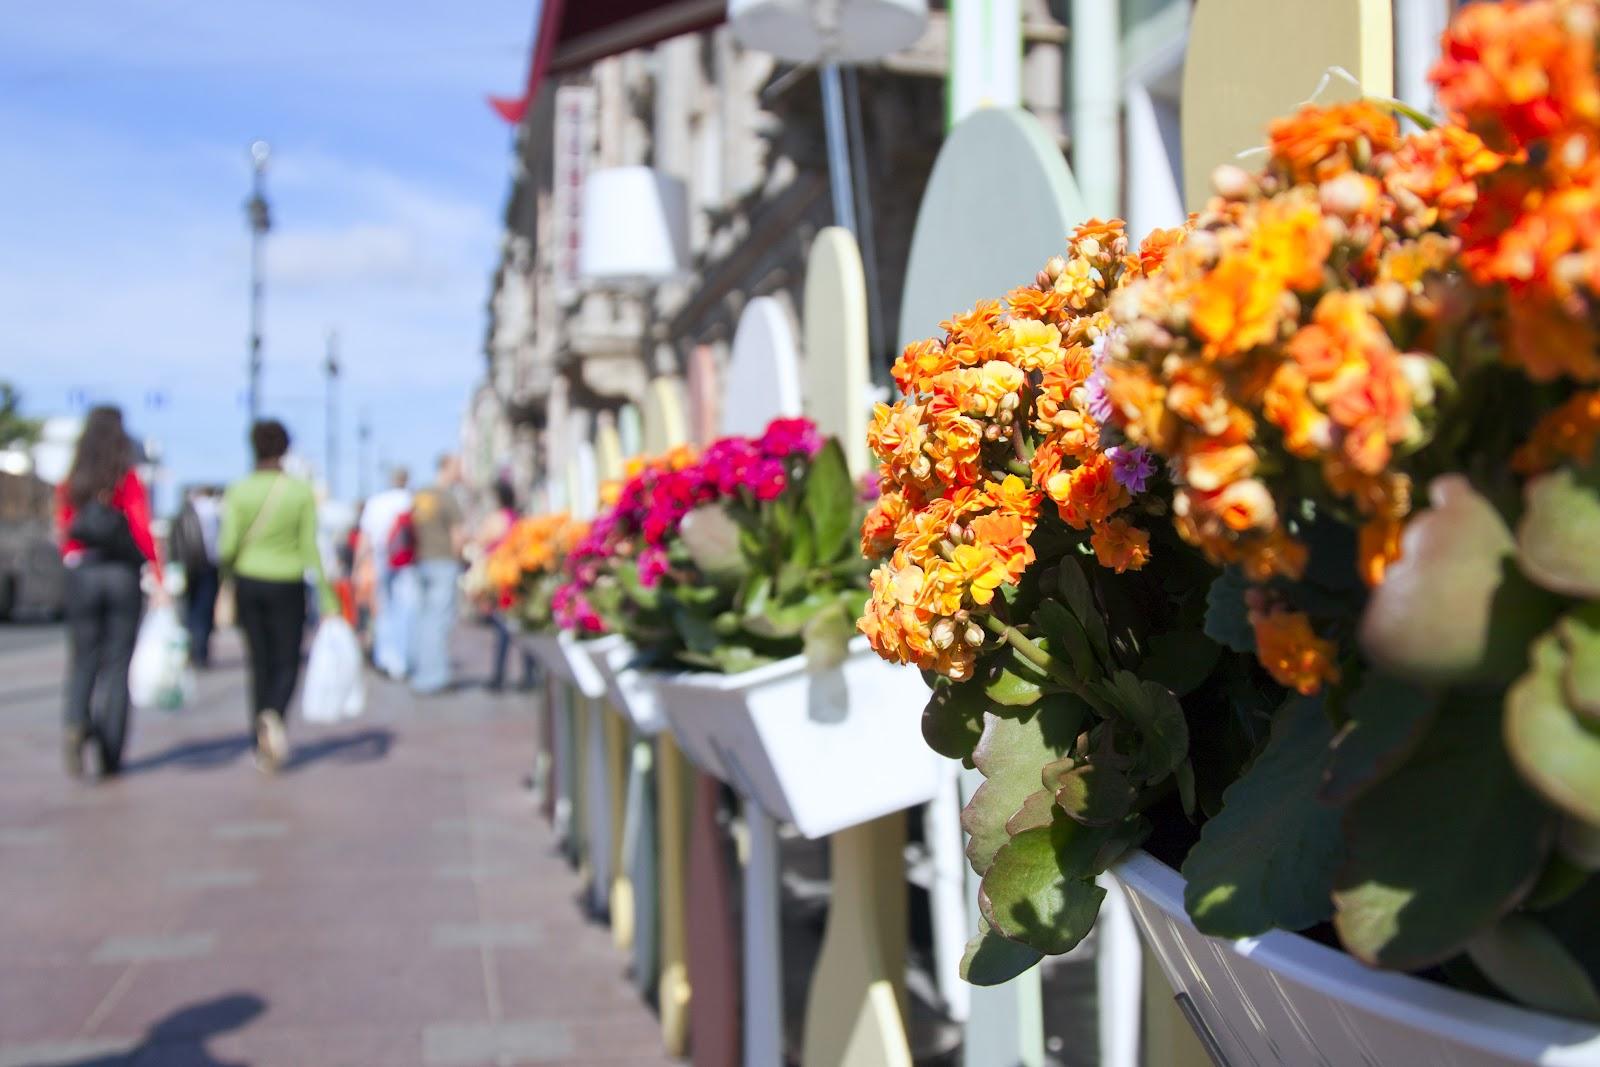 Салон цветов Букет-СПБ - адрес, часы работы, фото, отзывы